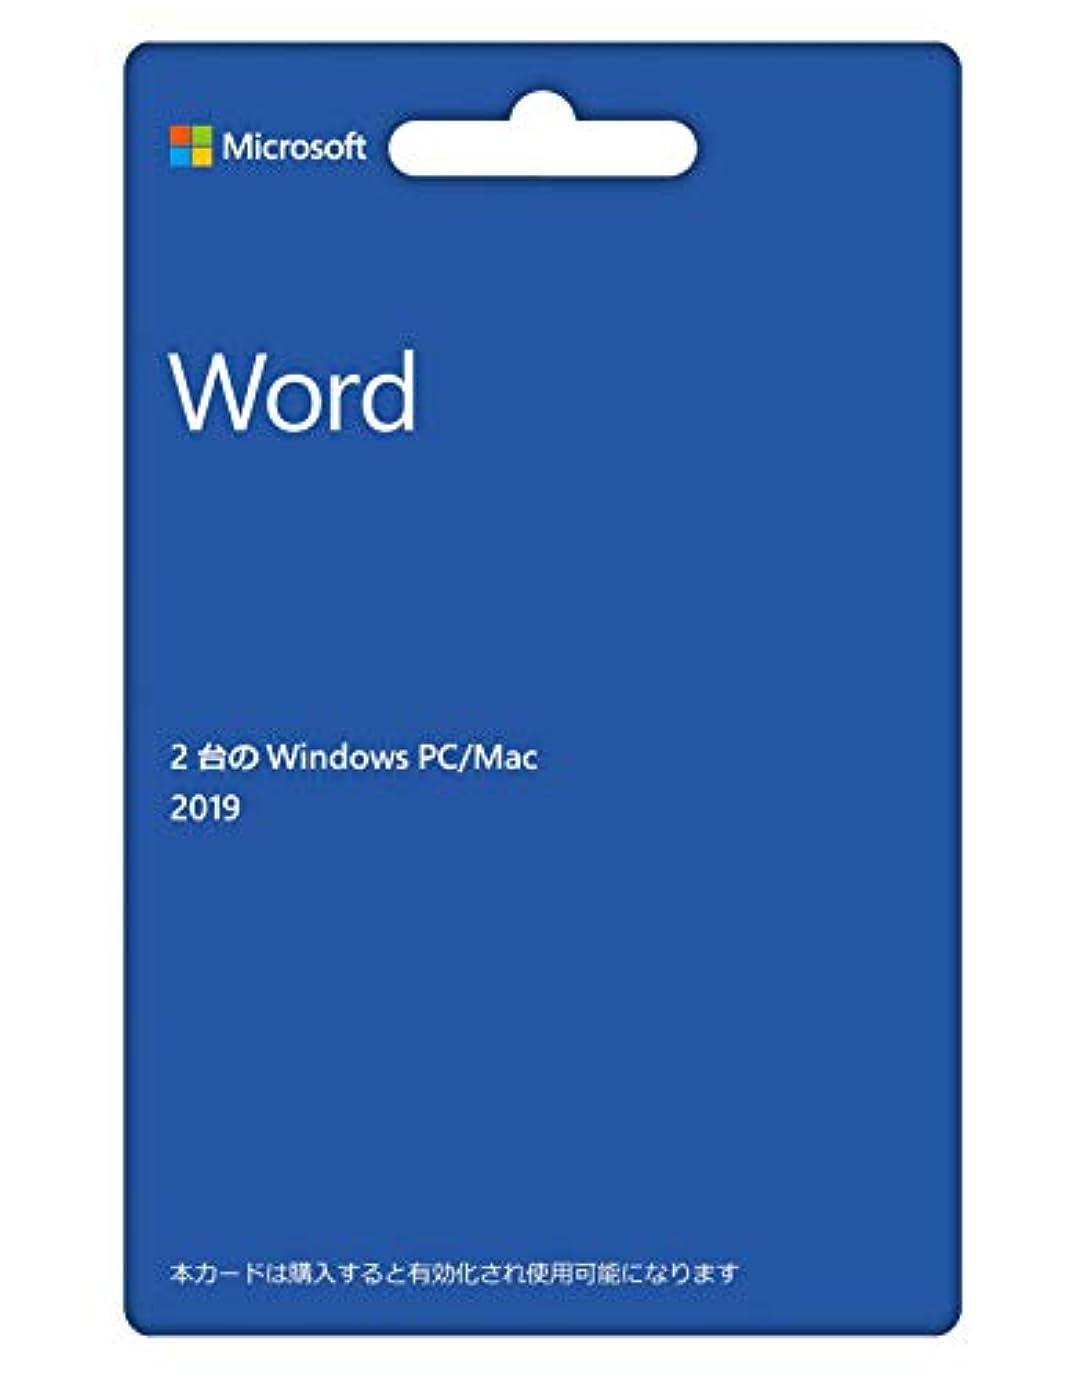 タック腸あいまいなMicrosoft Word 2019(最新 永続版)|カード版|Windows10/mac対応|PC2台